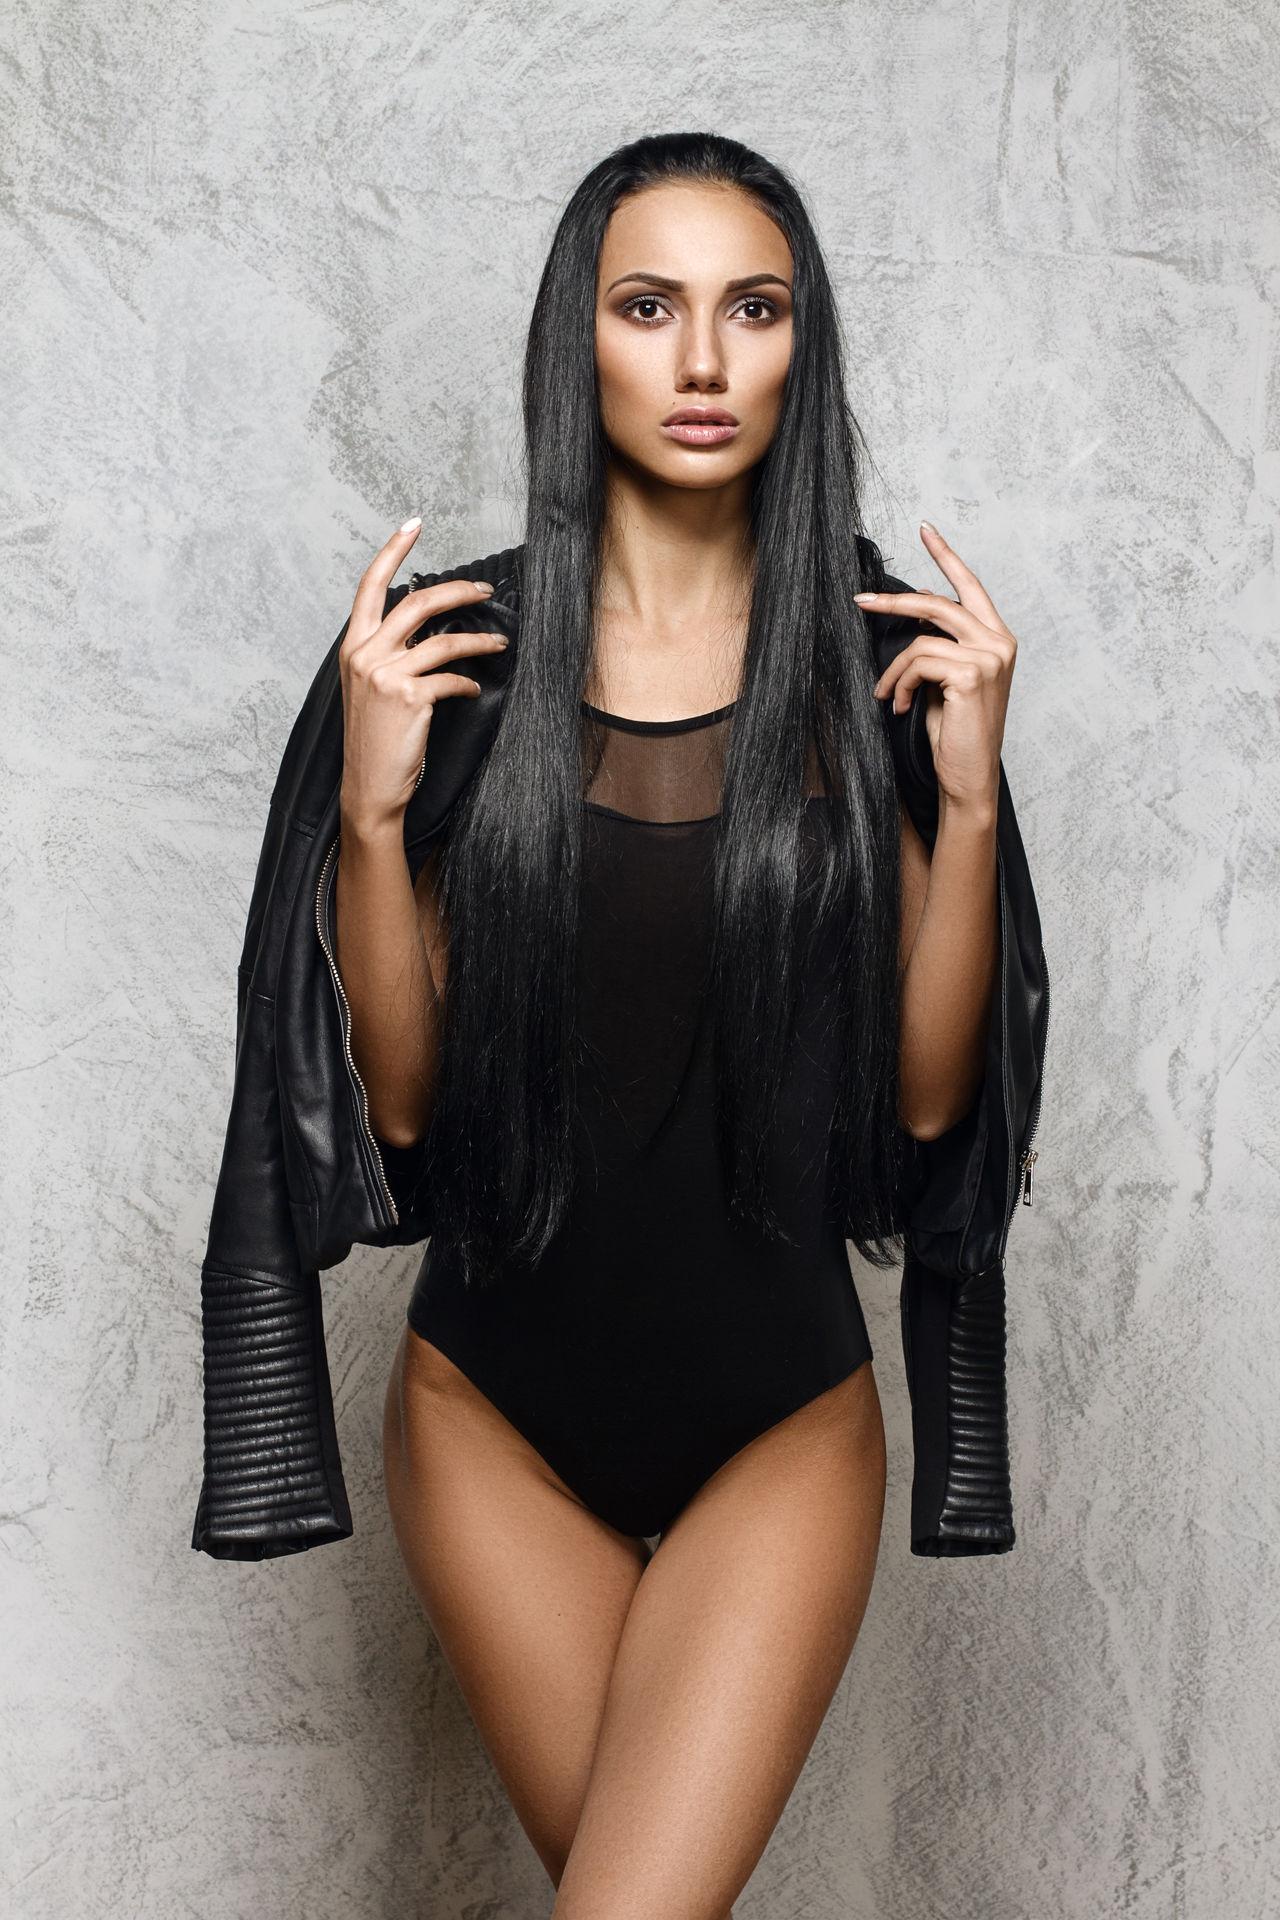 Beautiful stock photos of model, 18-19 Years, Beautiful Woman, Black, Black Hair